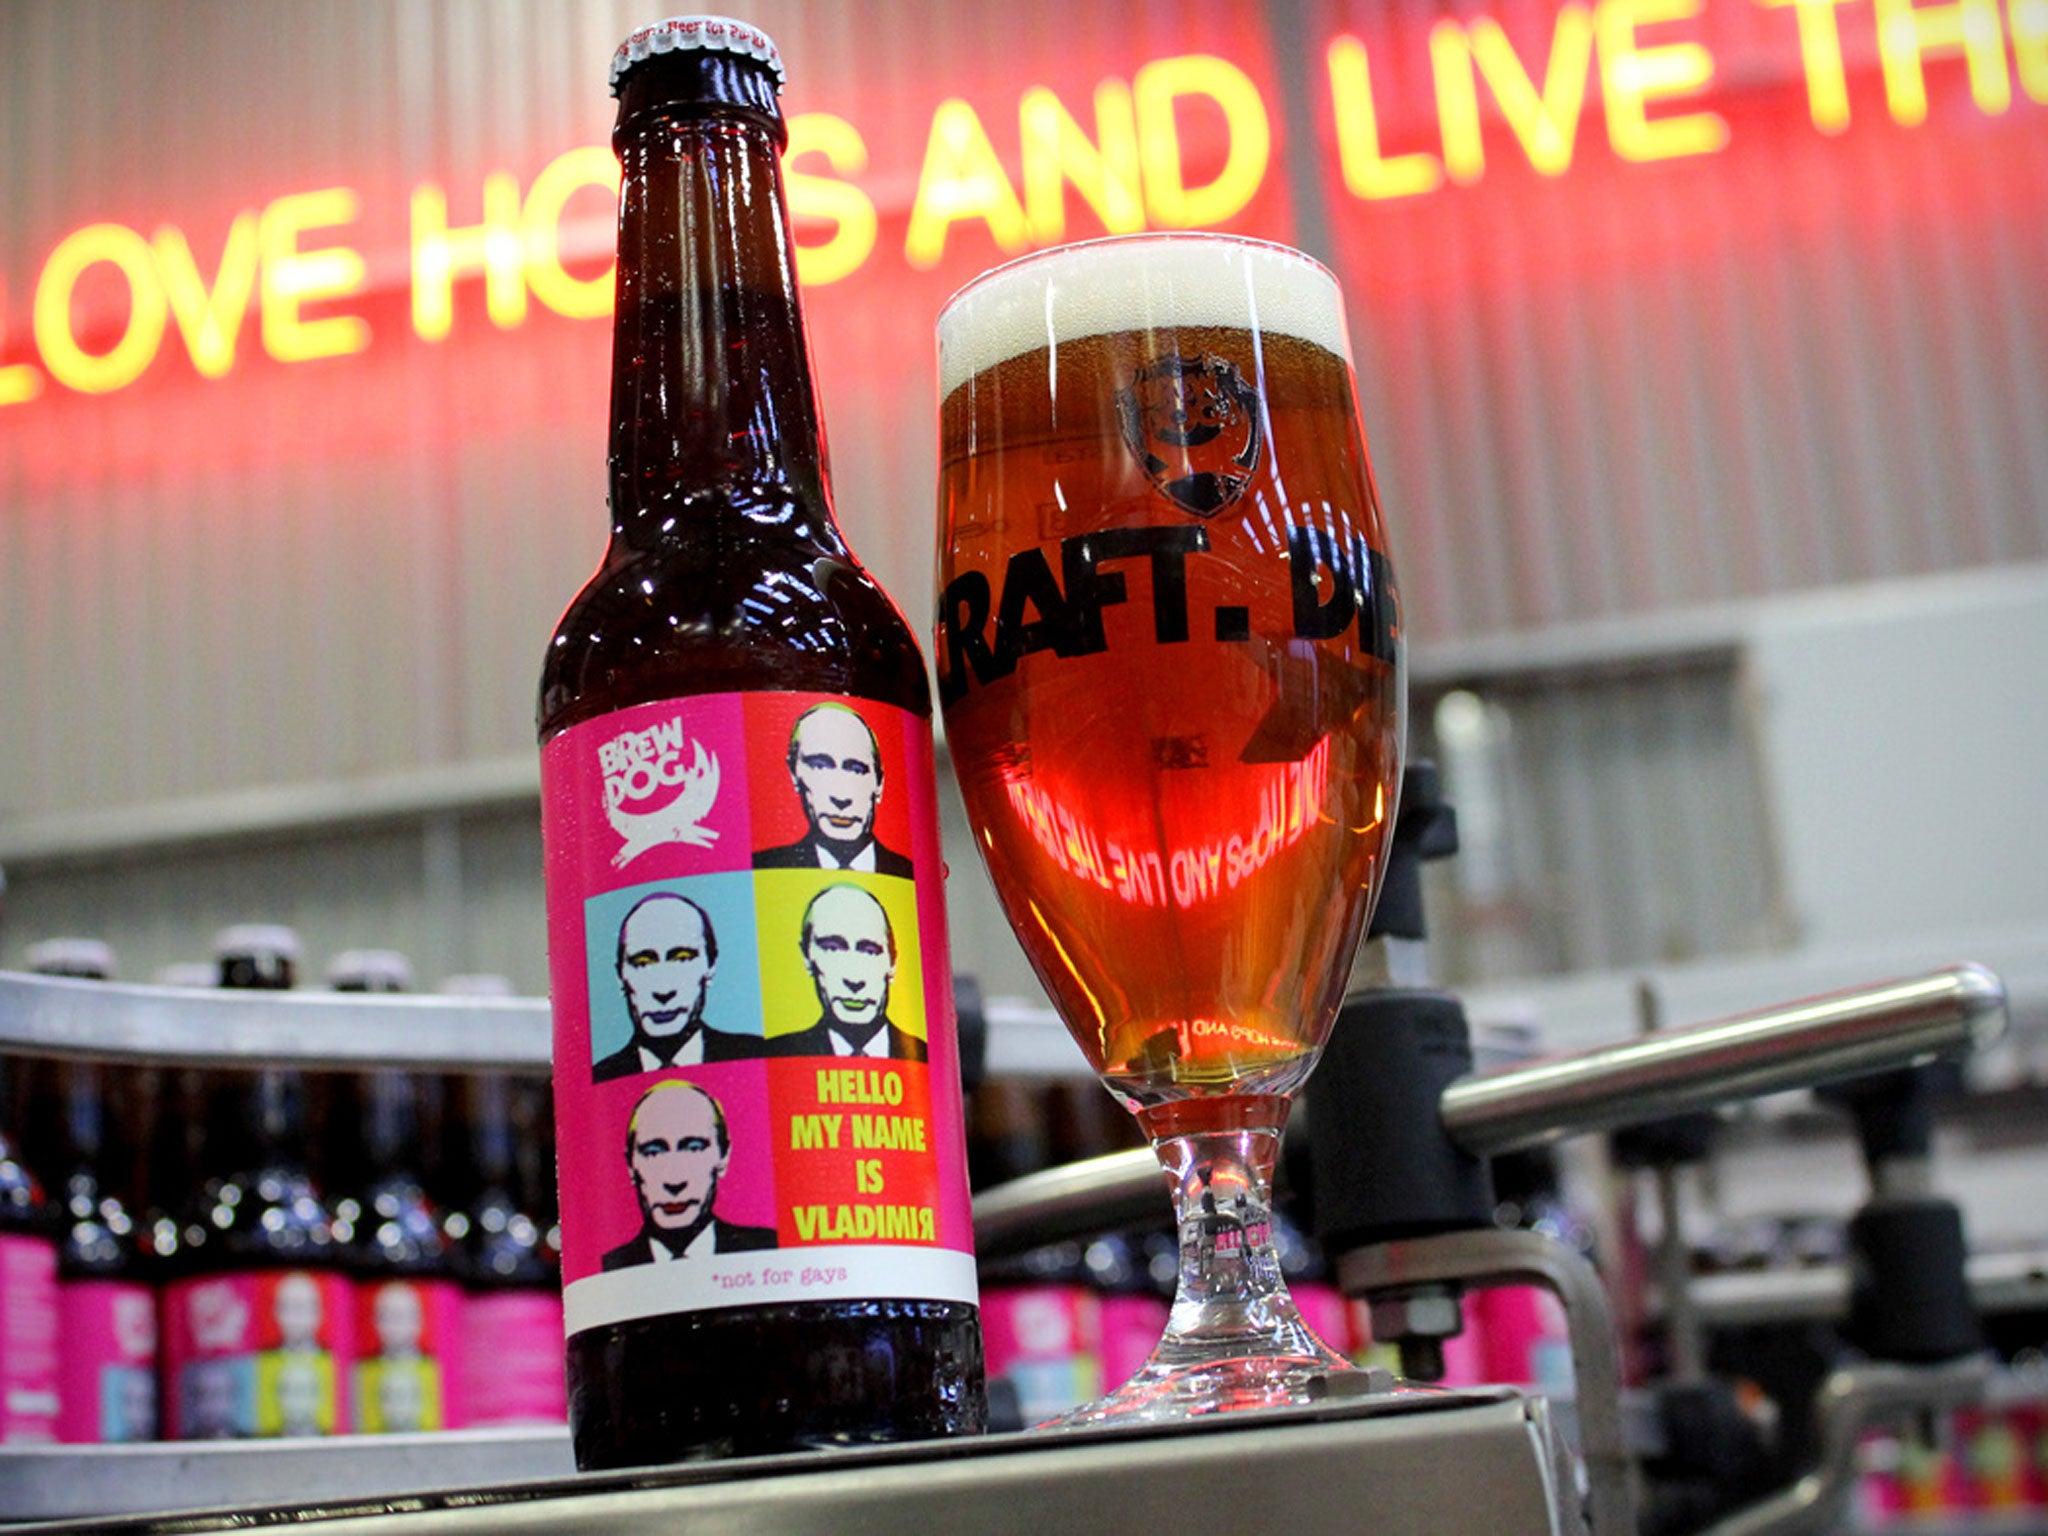 In Ukraine, One Brewery Puts Putin, Politics on its Beer ... |Putin Beer